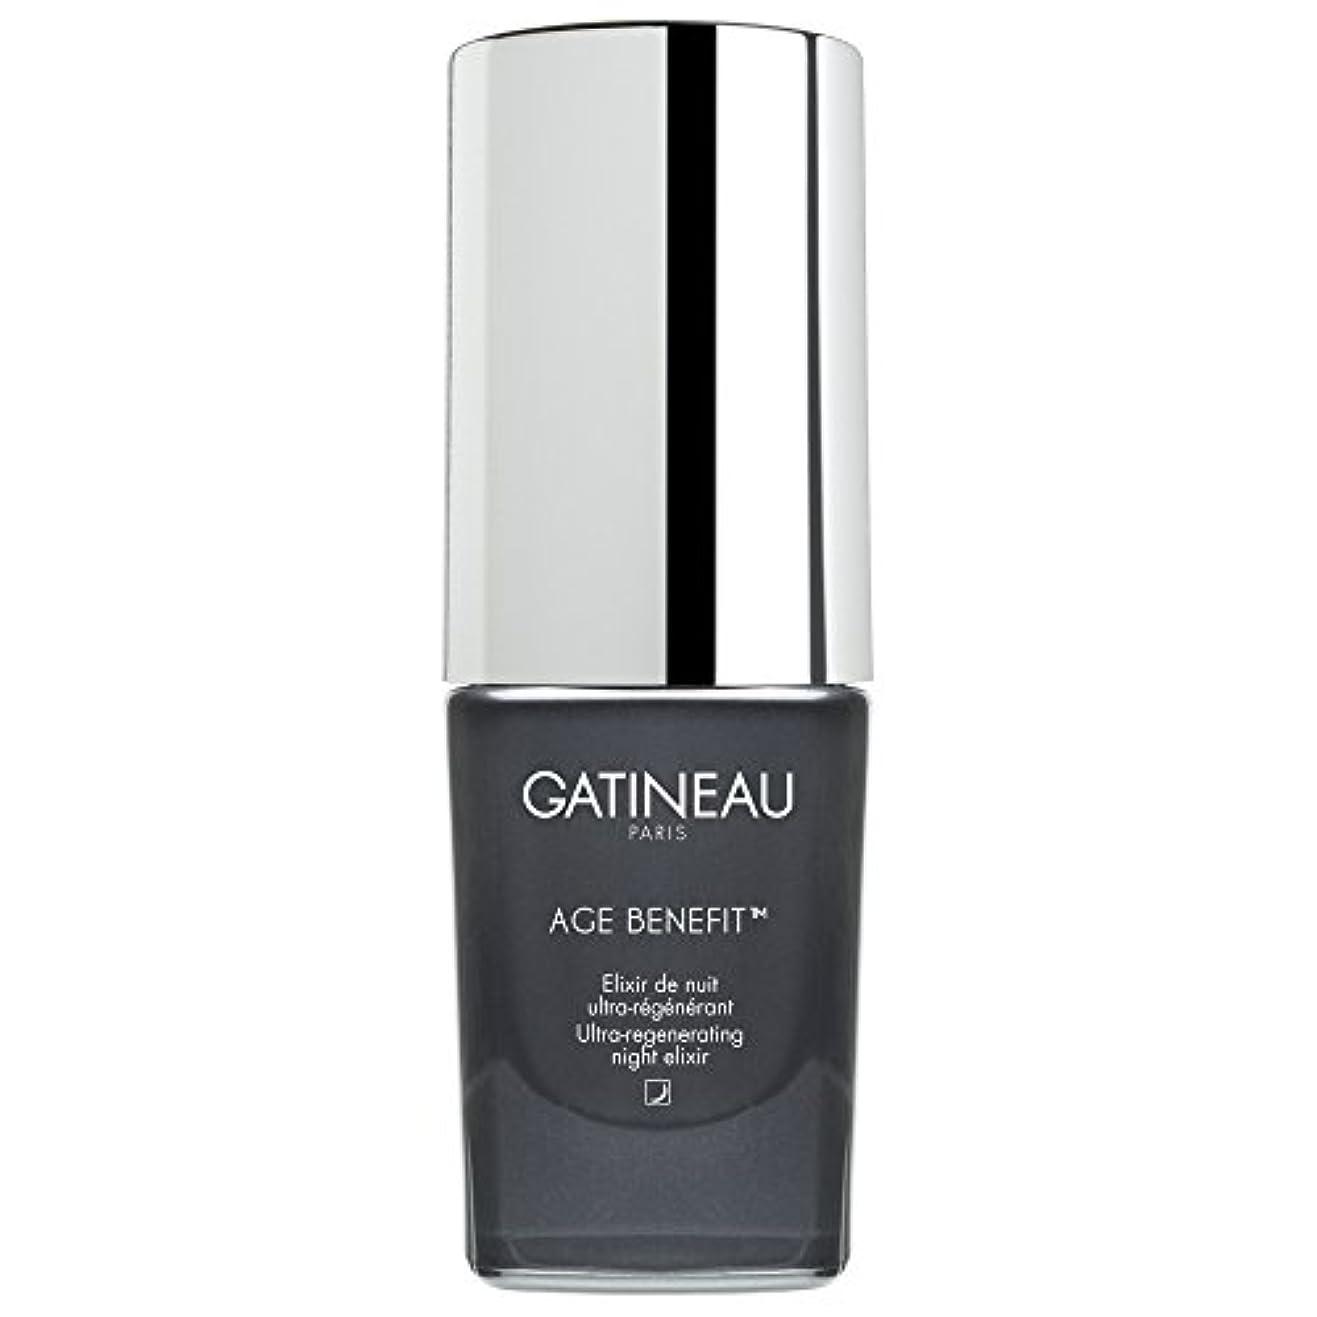 広げる最も遠いレクリエーションガティノー年齢給付超再生夜のエリクシルの15ミリリットル (Gatineau) - Gatineau Age Benefit Ultra-Regenerating Night Elixir 15ml [並行輸入品]